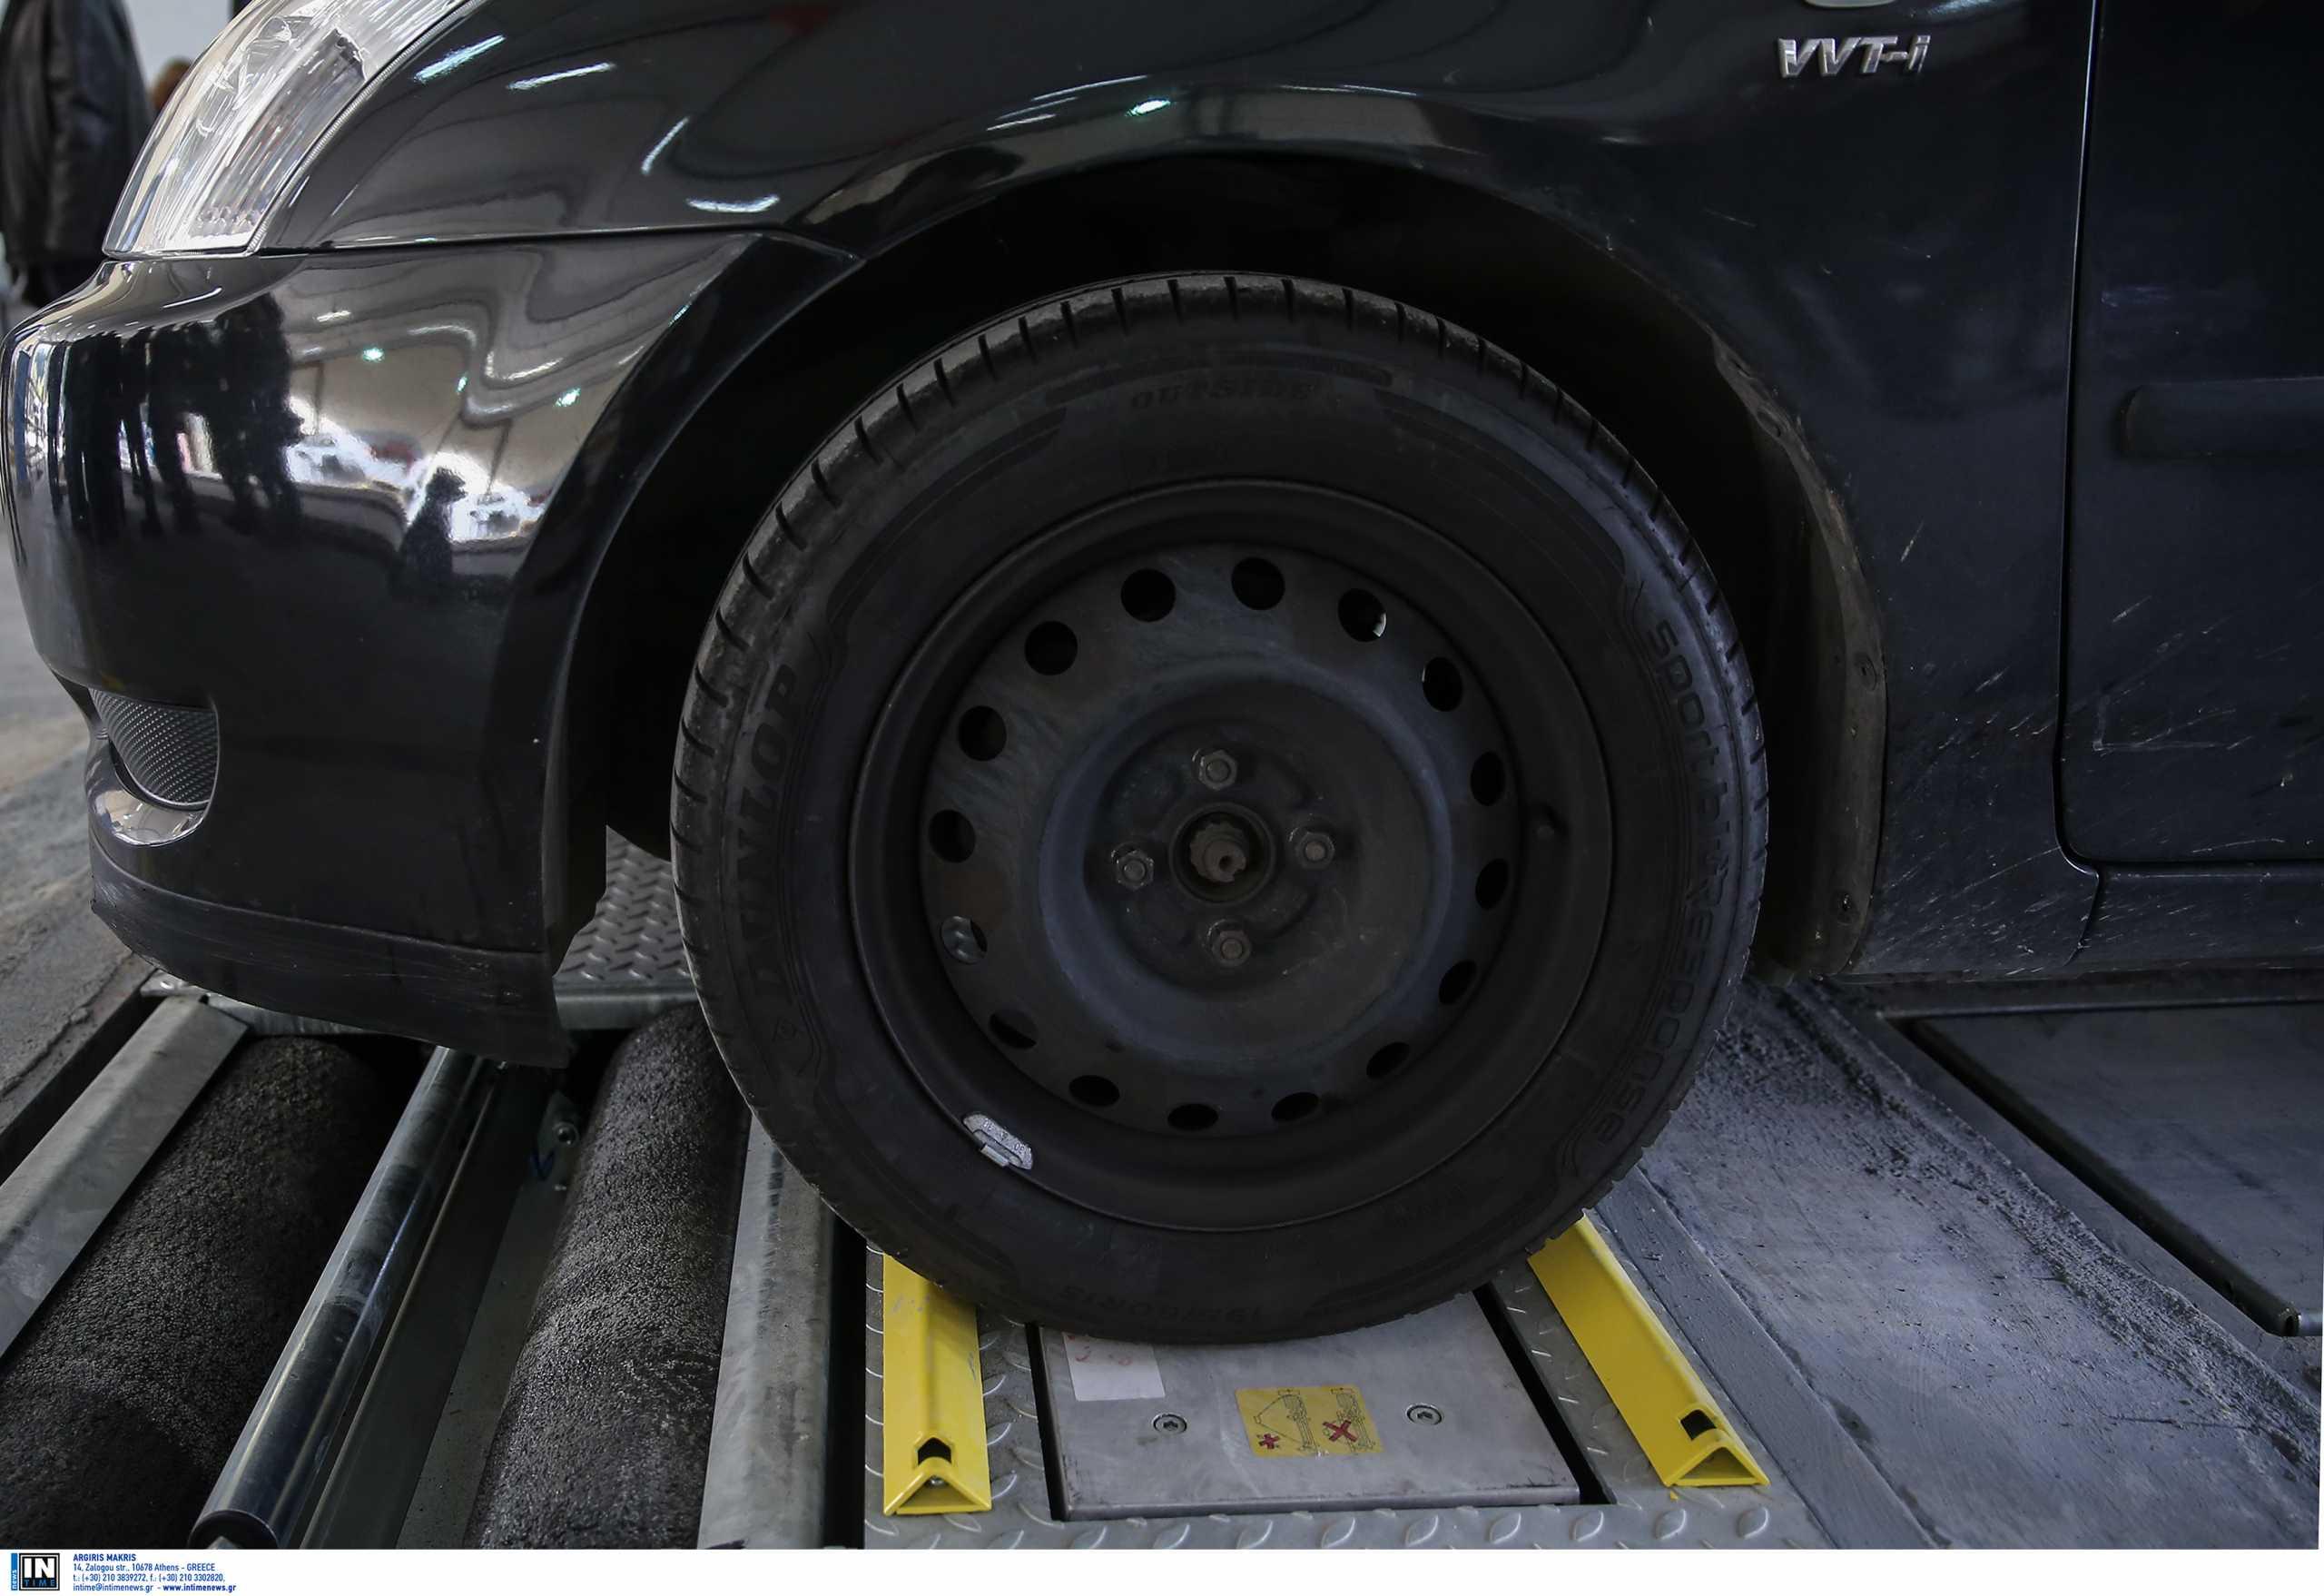 Ημαθία: Τον σκότωσε το αυτοκίνητο που προσπαθούσε να φτιάξει – Η  ατυχία που στάθηκε μοιραία